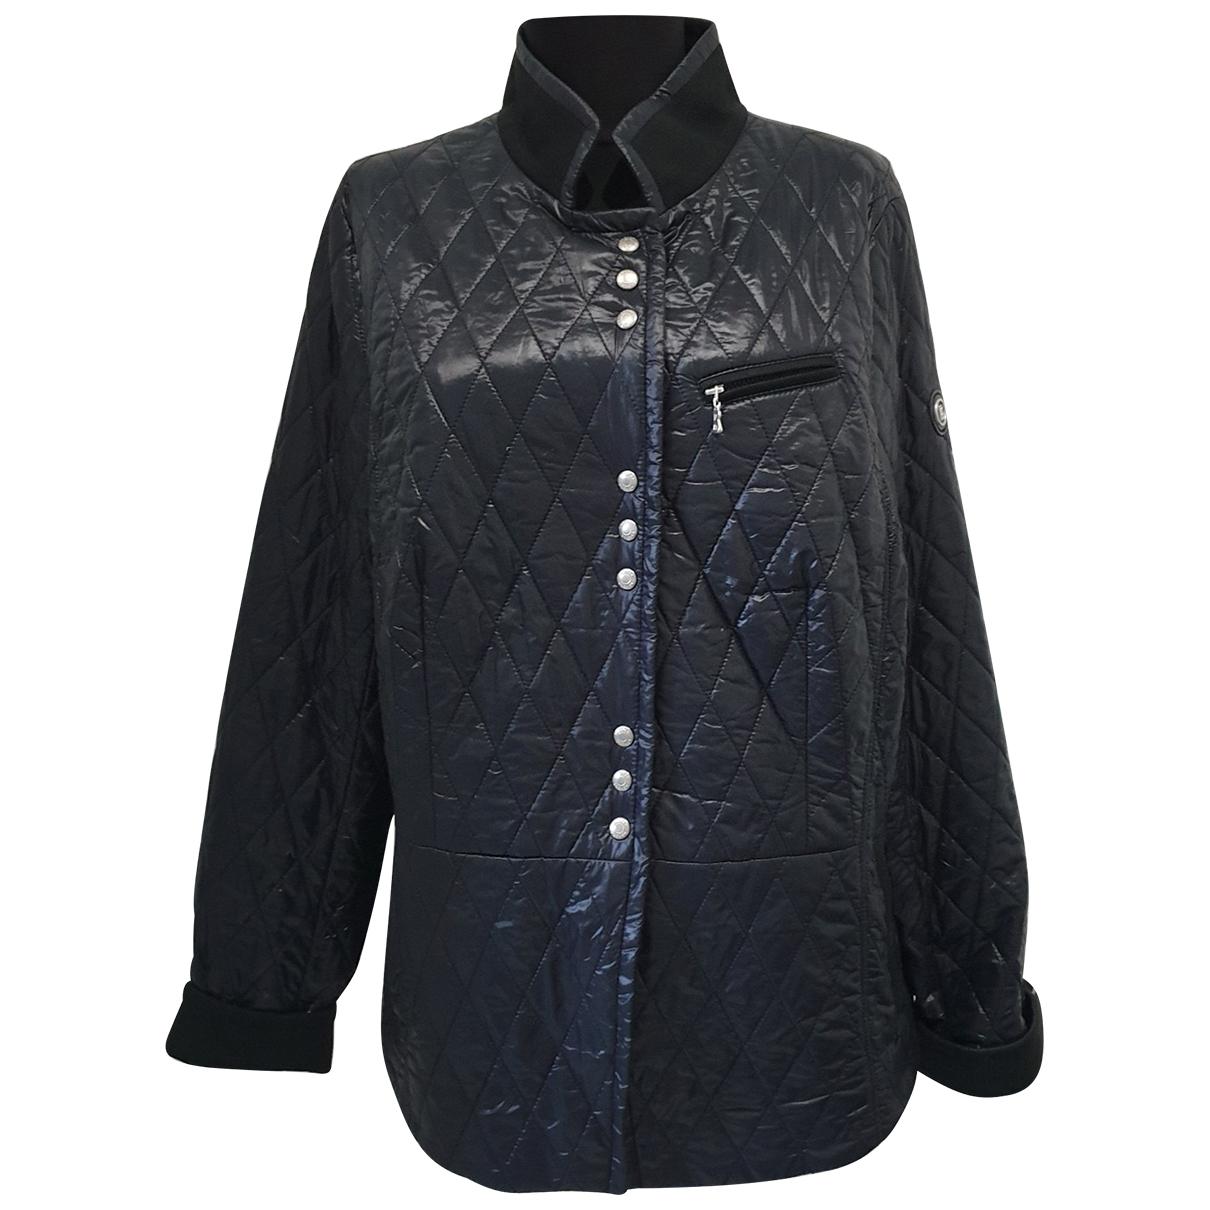 Bogner \N Black jacket for Women 14-16 US